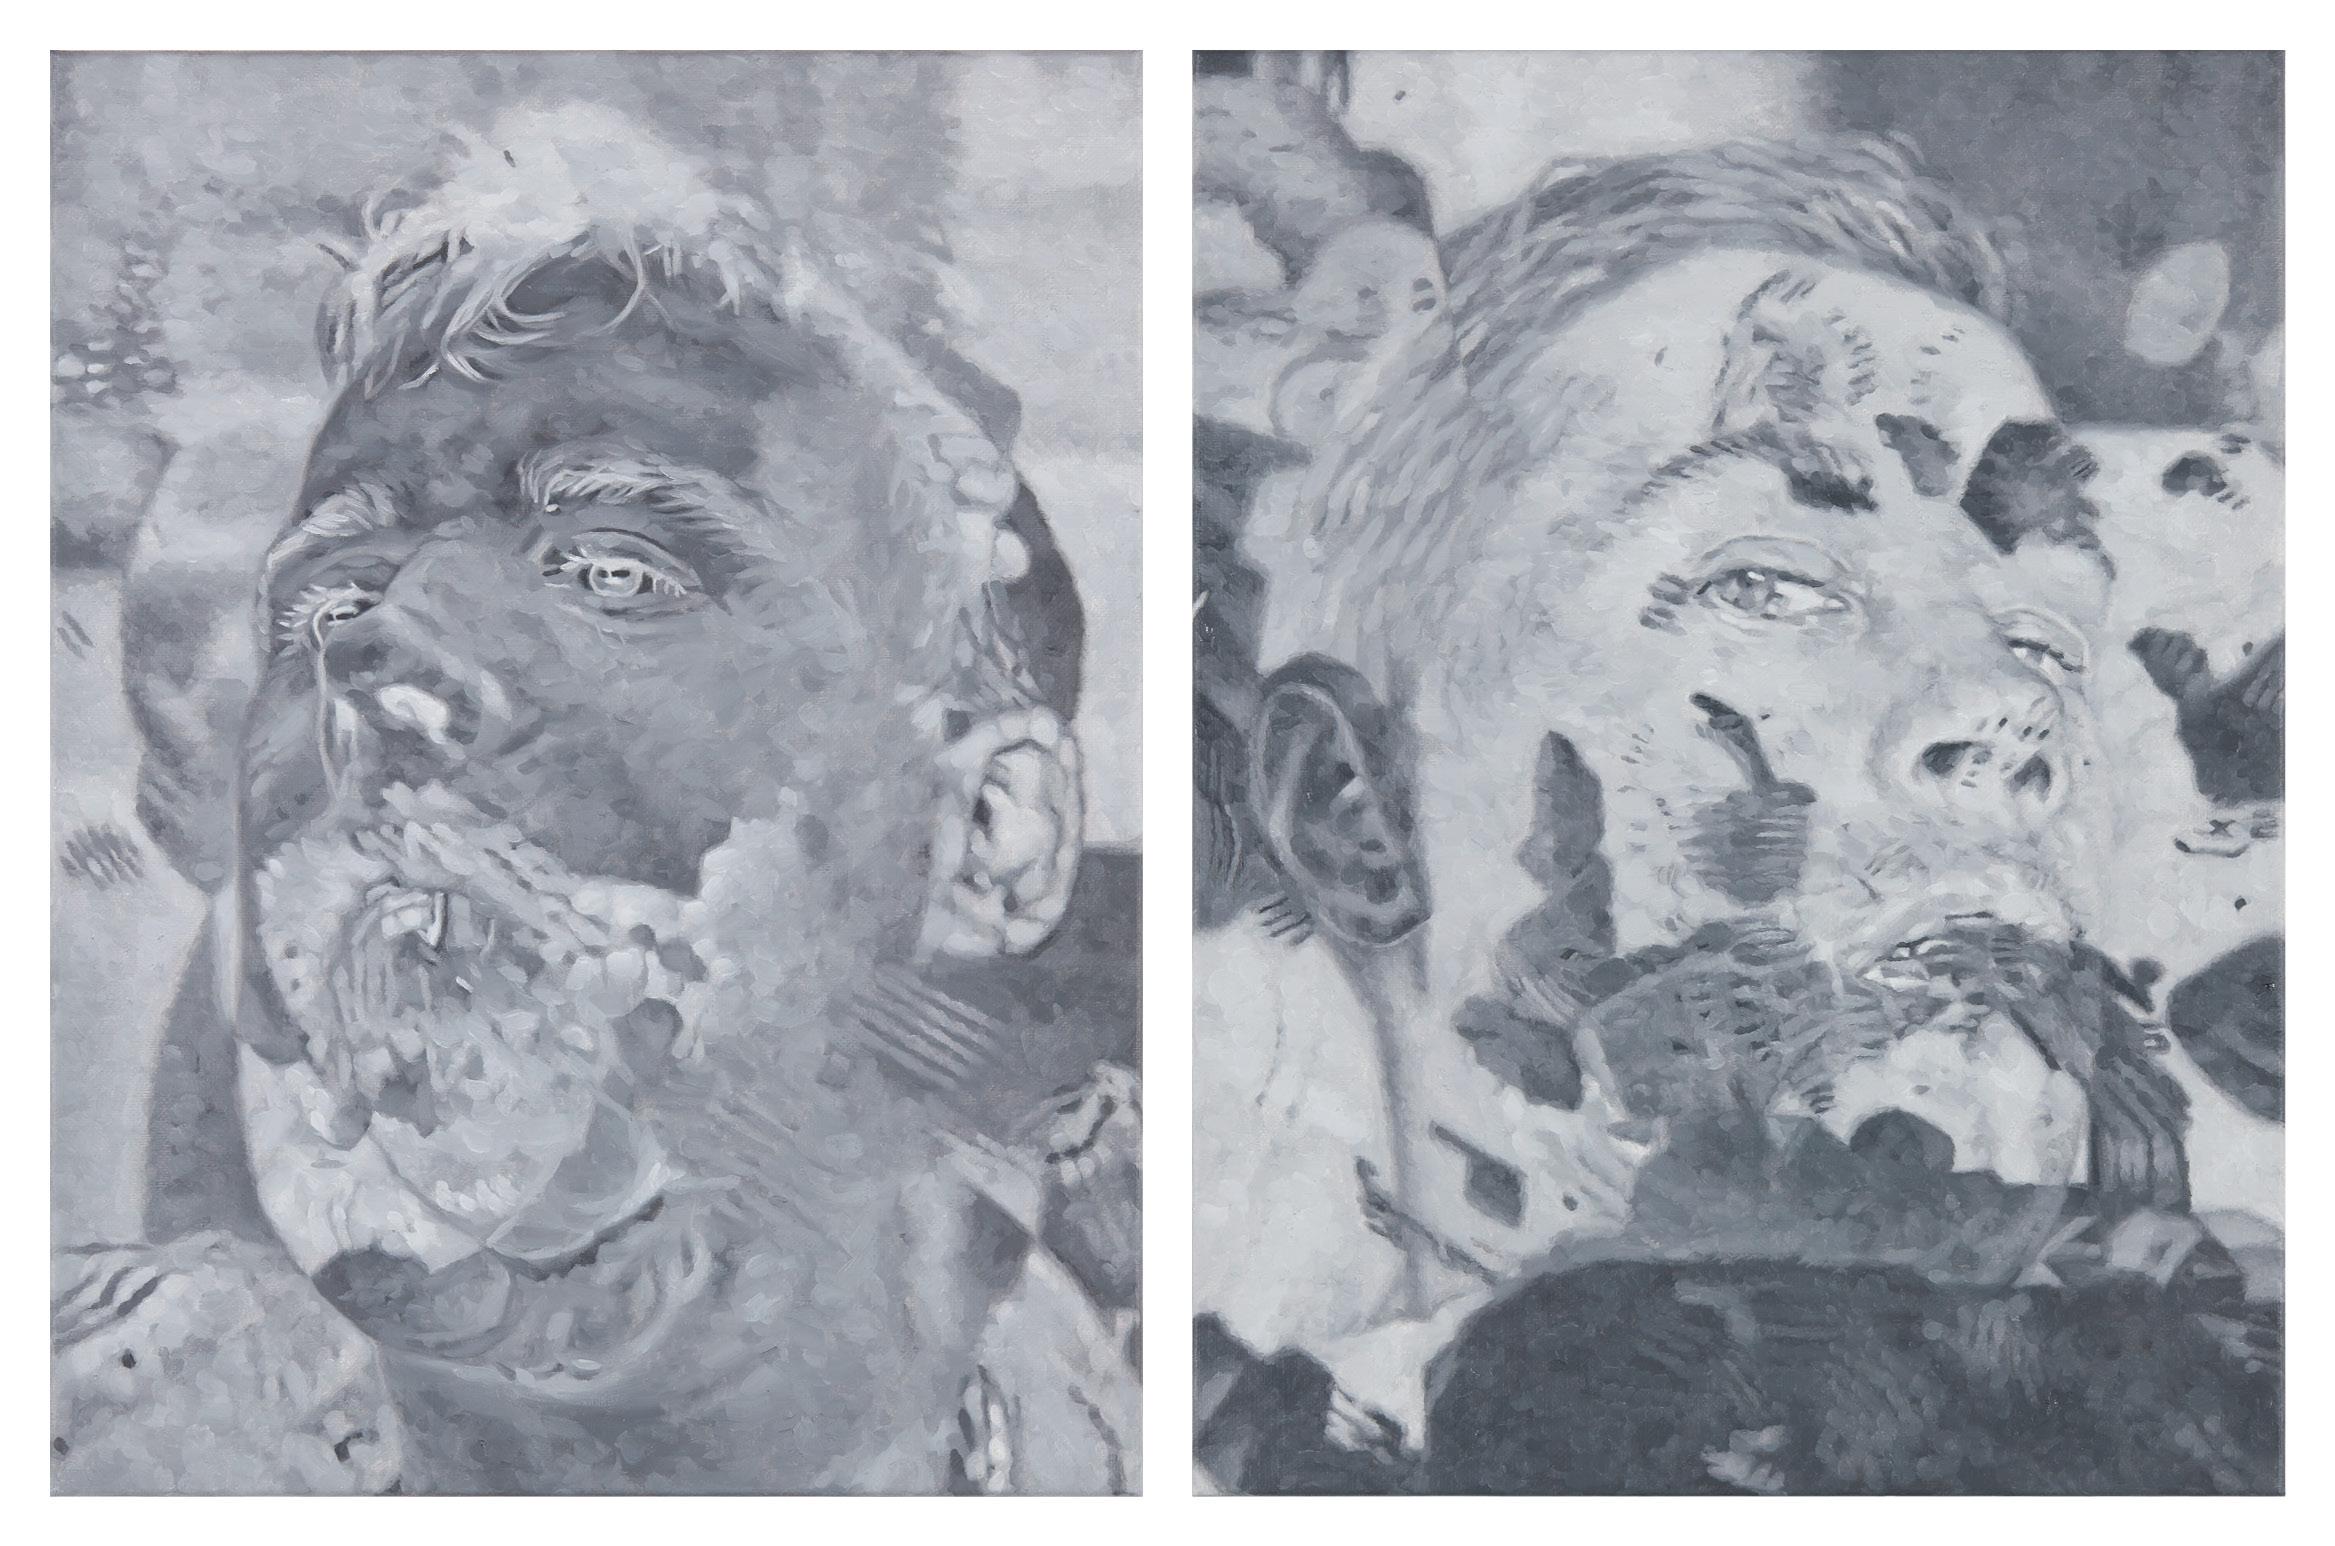 Tomas Lundgren   part (2a-b)  2015-16 Oil on canvas 31 x 41 cm, 2 parts